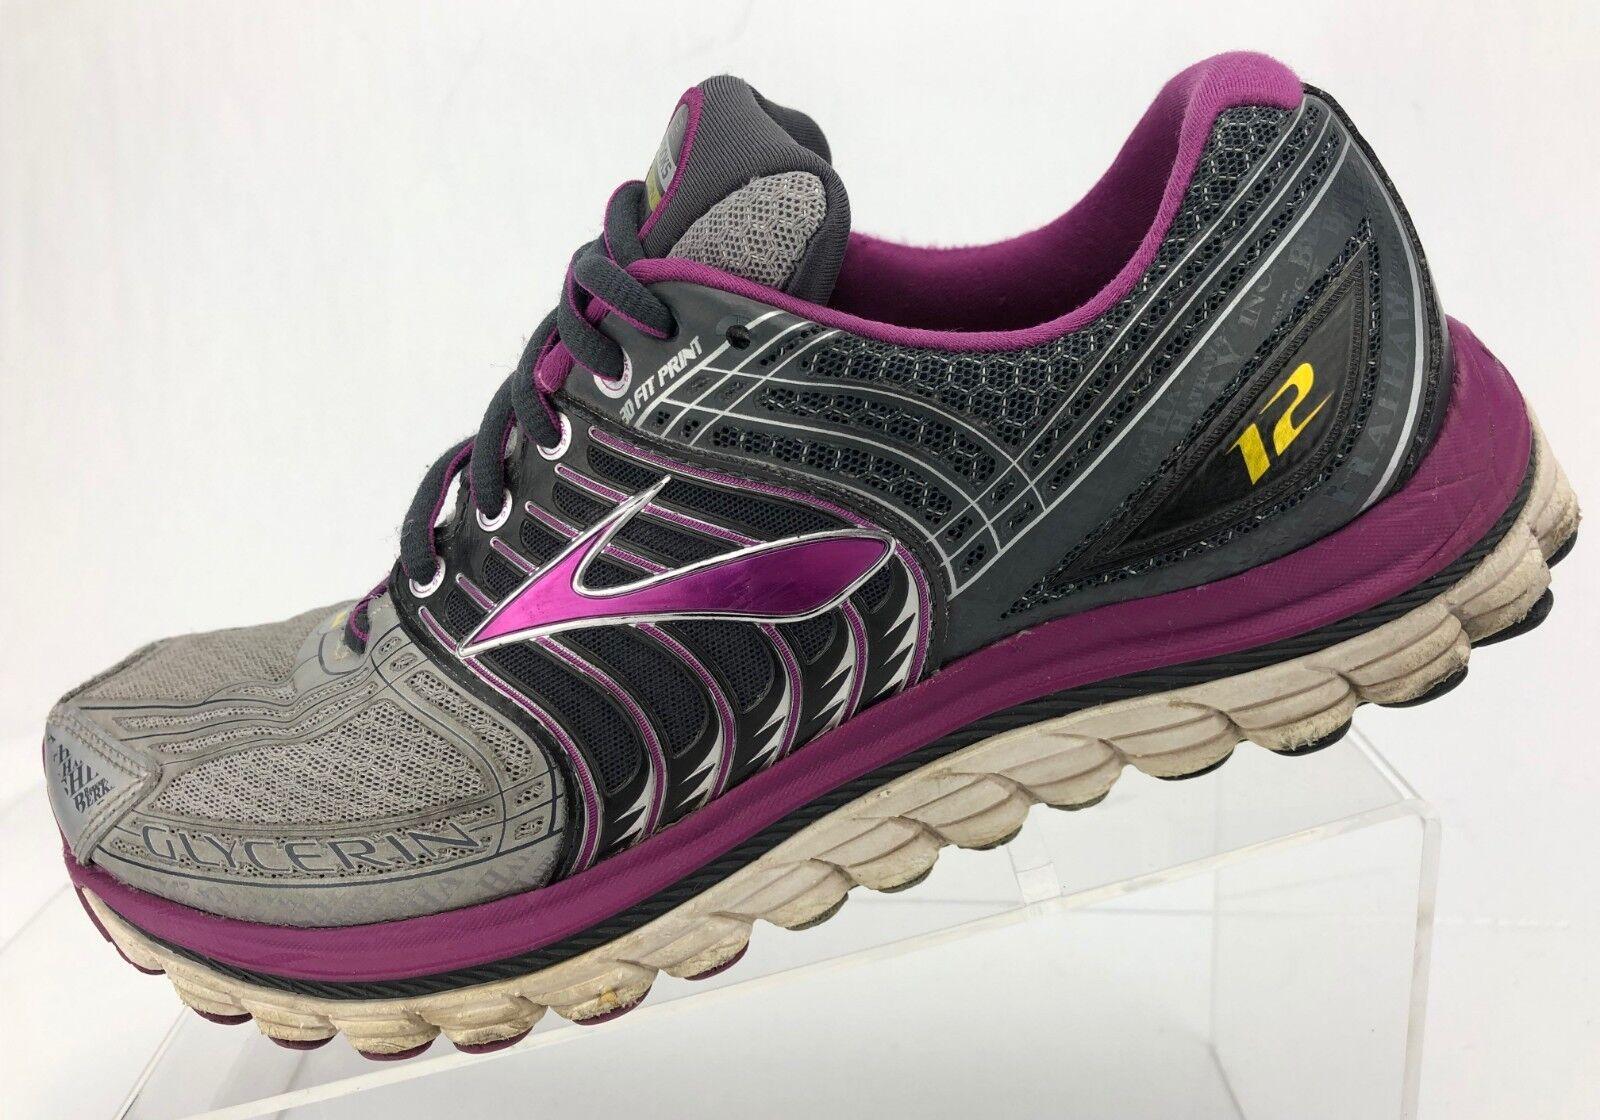 ordene ahora los precios más bajos Brooks Glicerina 12 Zapatillas Entrenamiento Atlético púrpuraa gris para para para Mujer 9.5 B  solo para ti